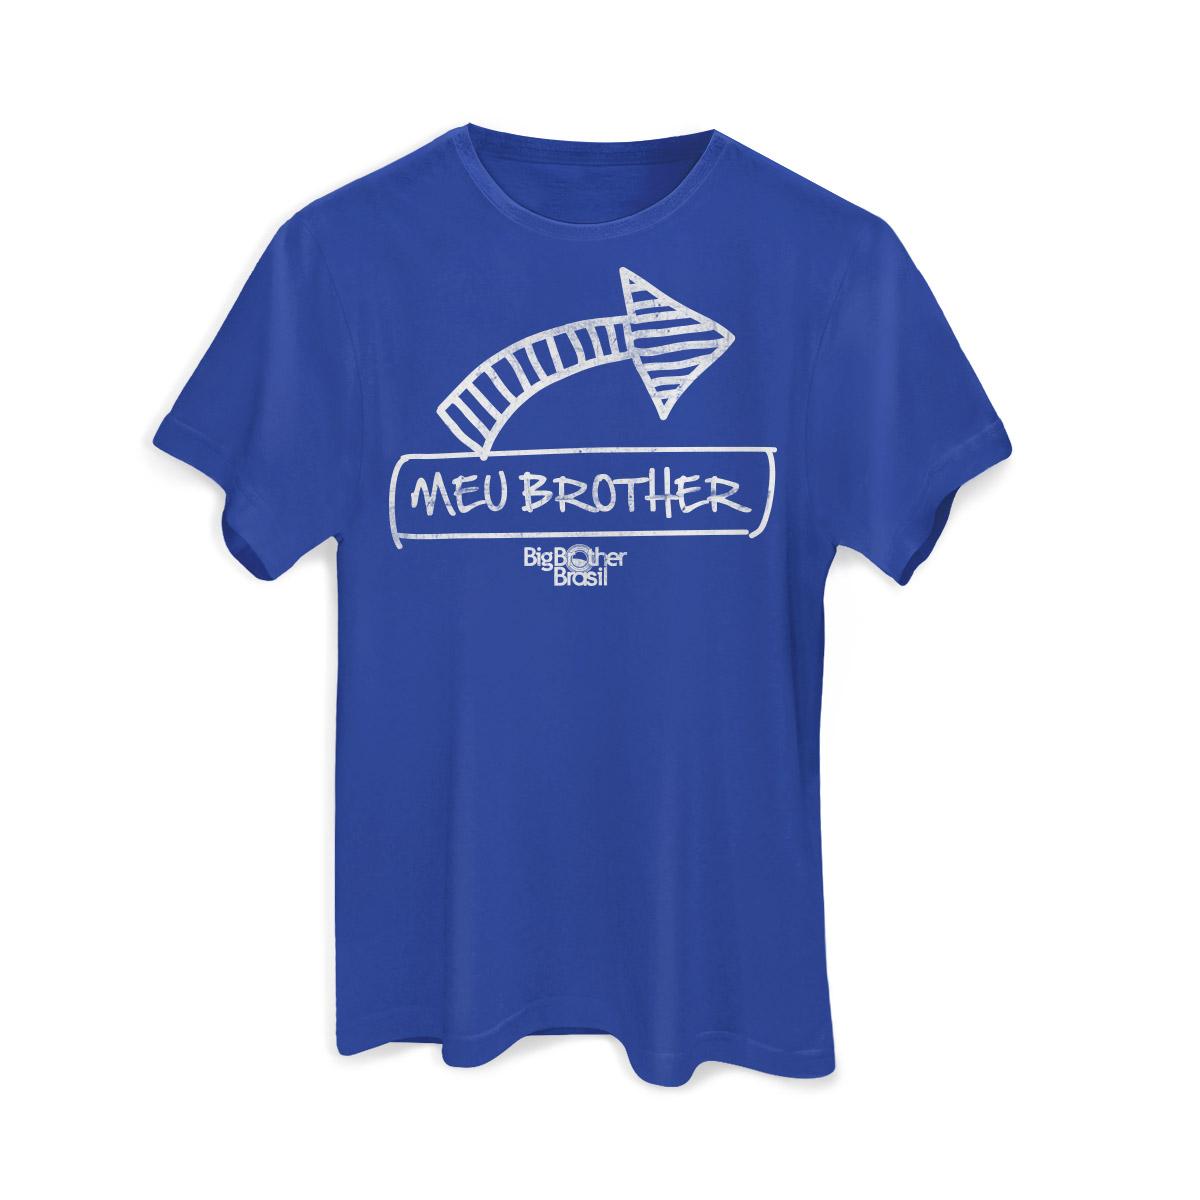 Camiseta Masculina Big Brother Brasil 15 Meu Brother